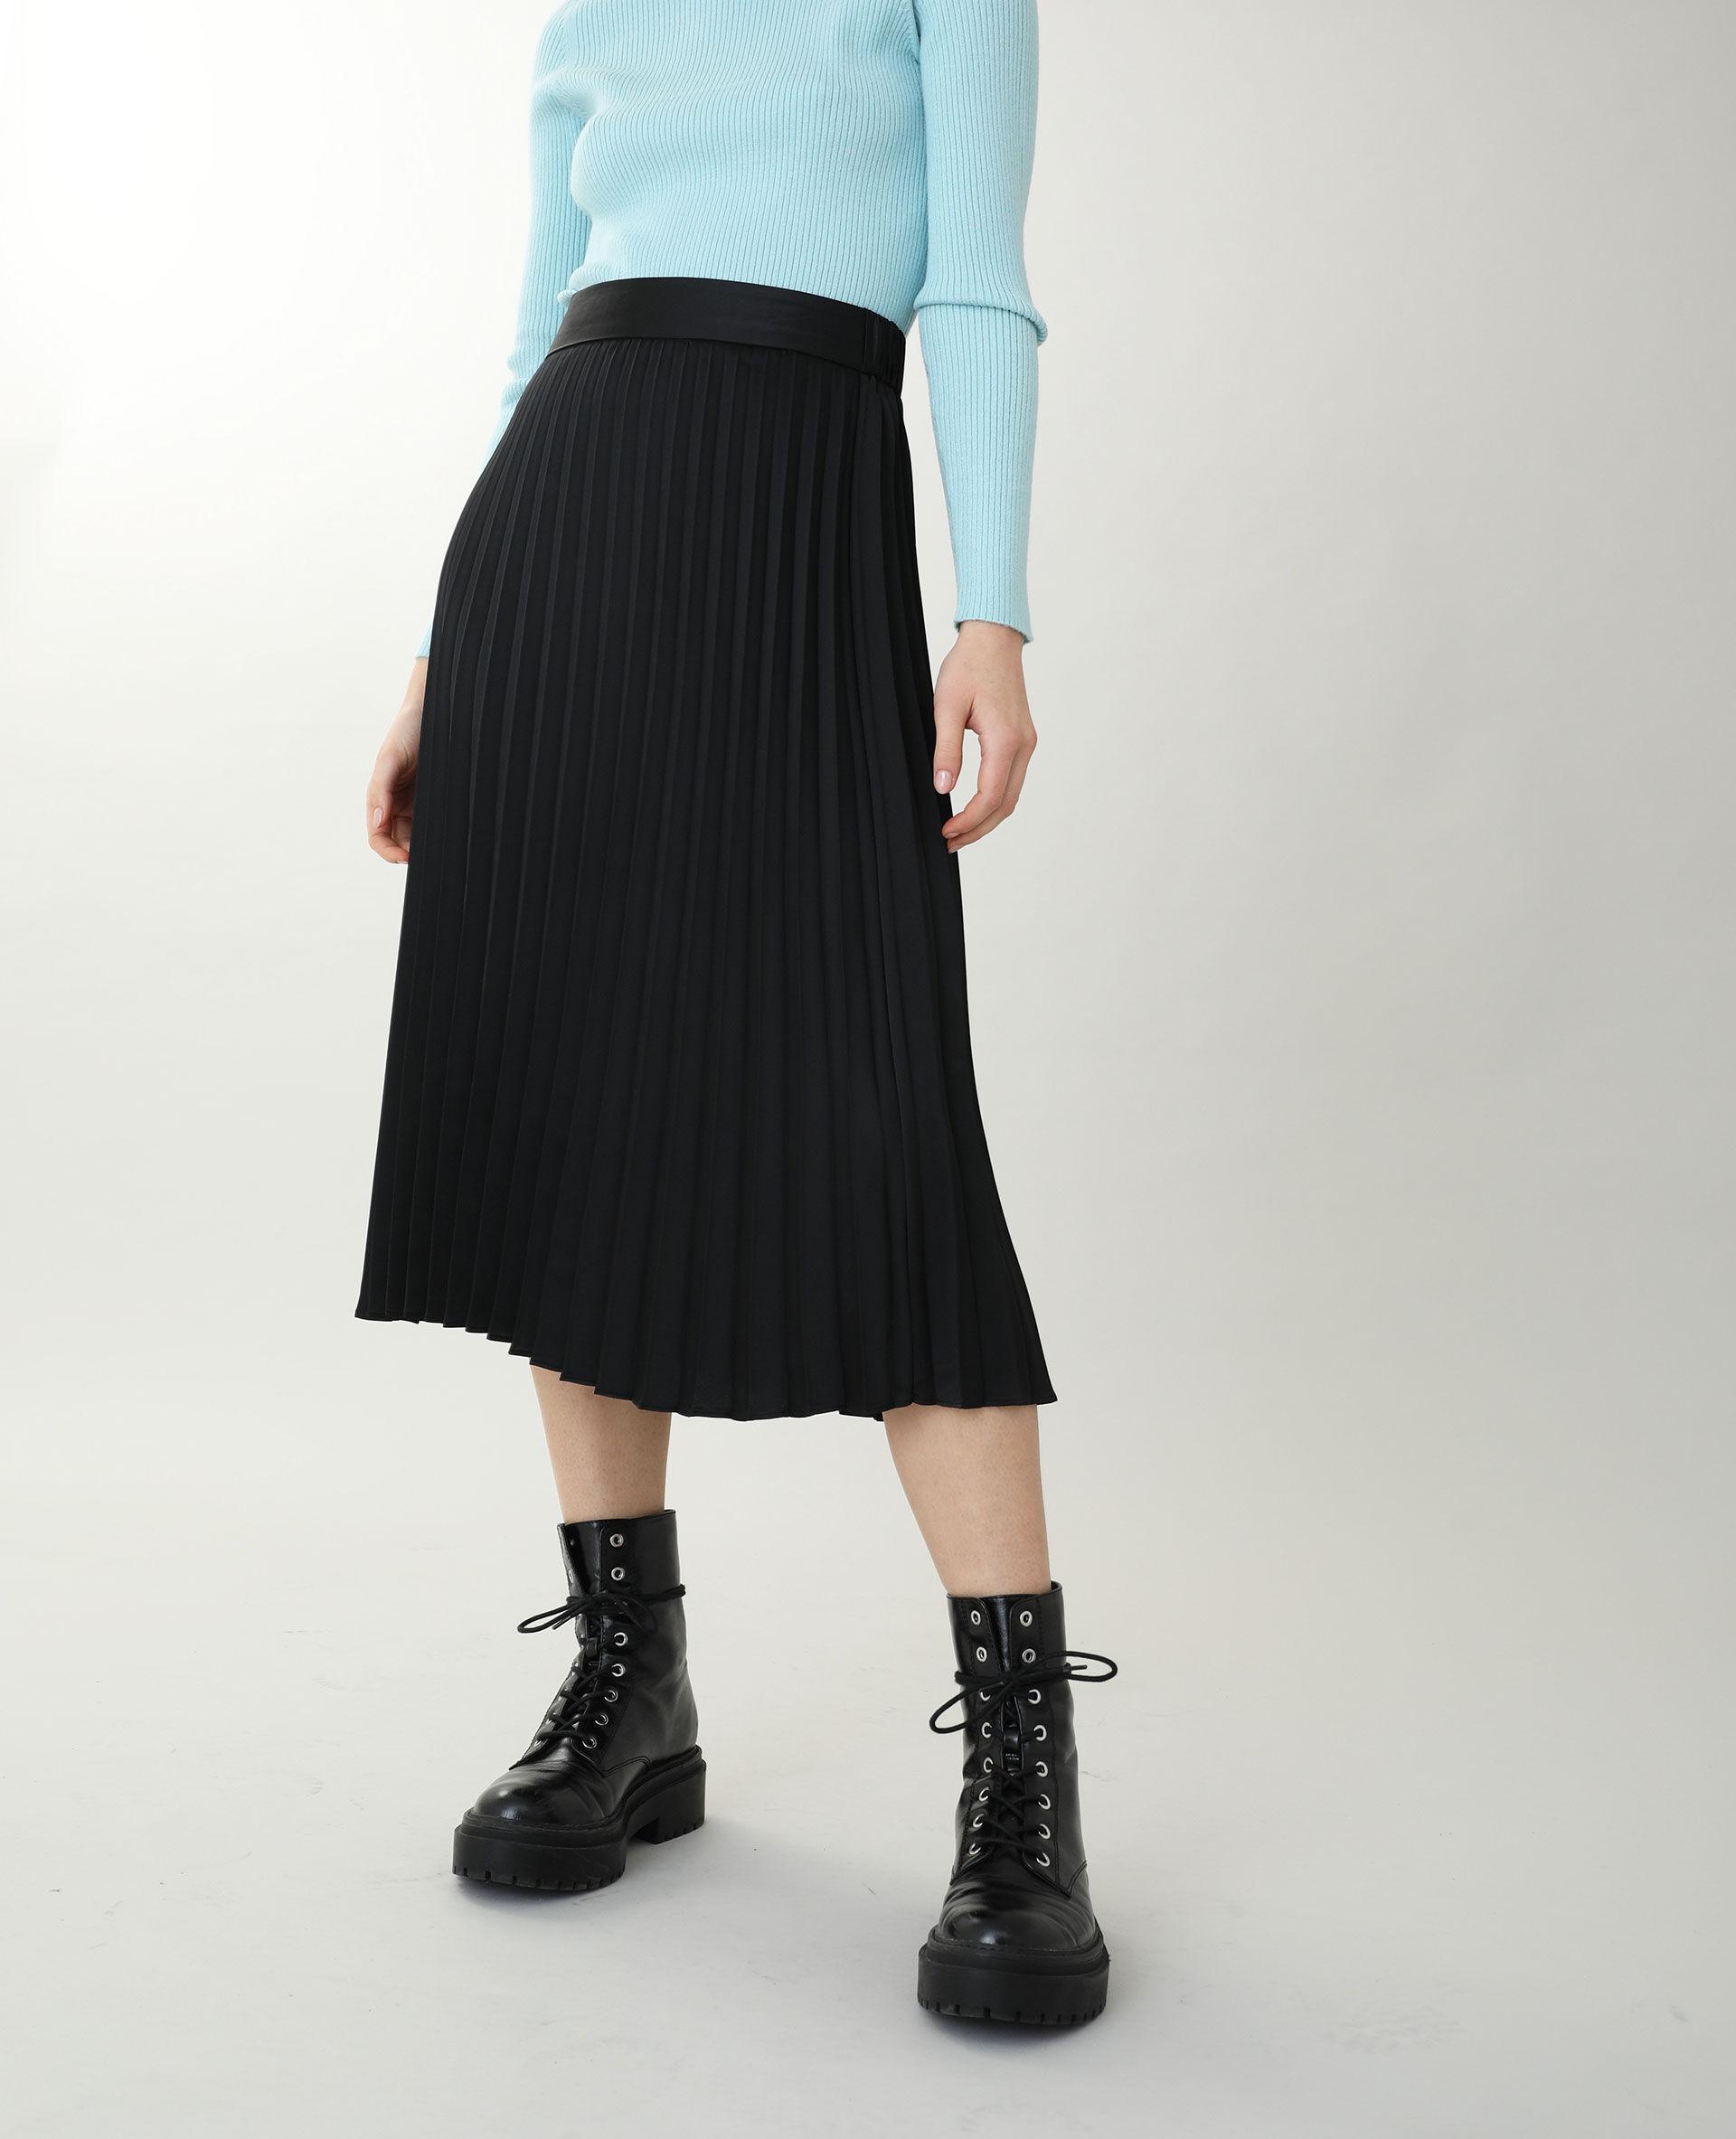 Jupe longue plissée Femme - Couleur noir - Taille L - PIMKIE - MODE FEMME